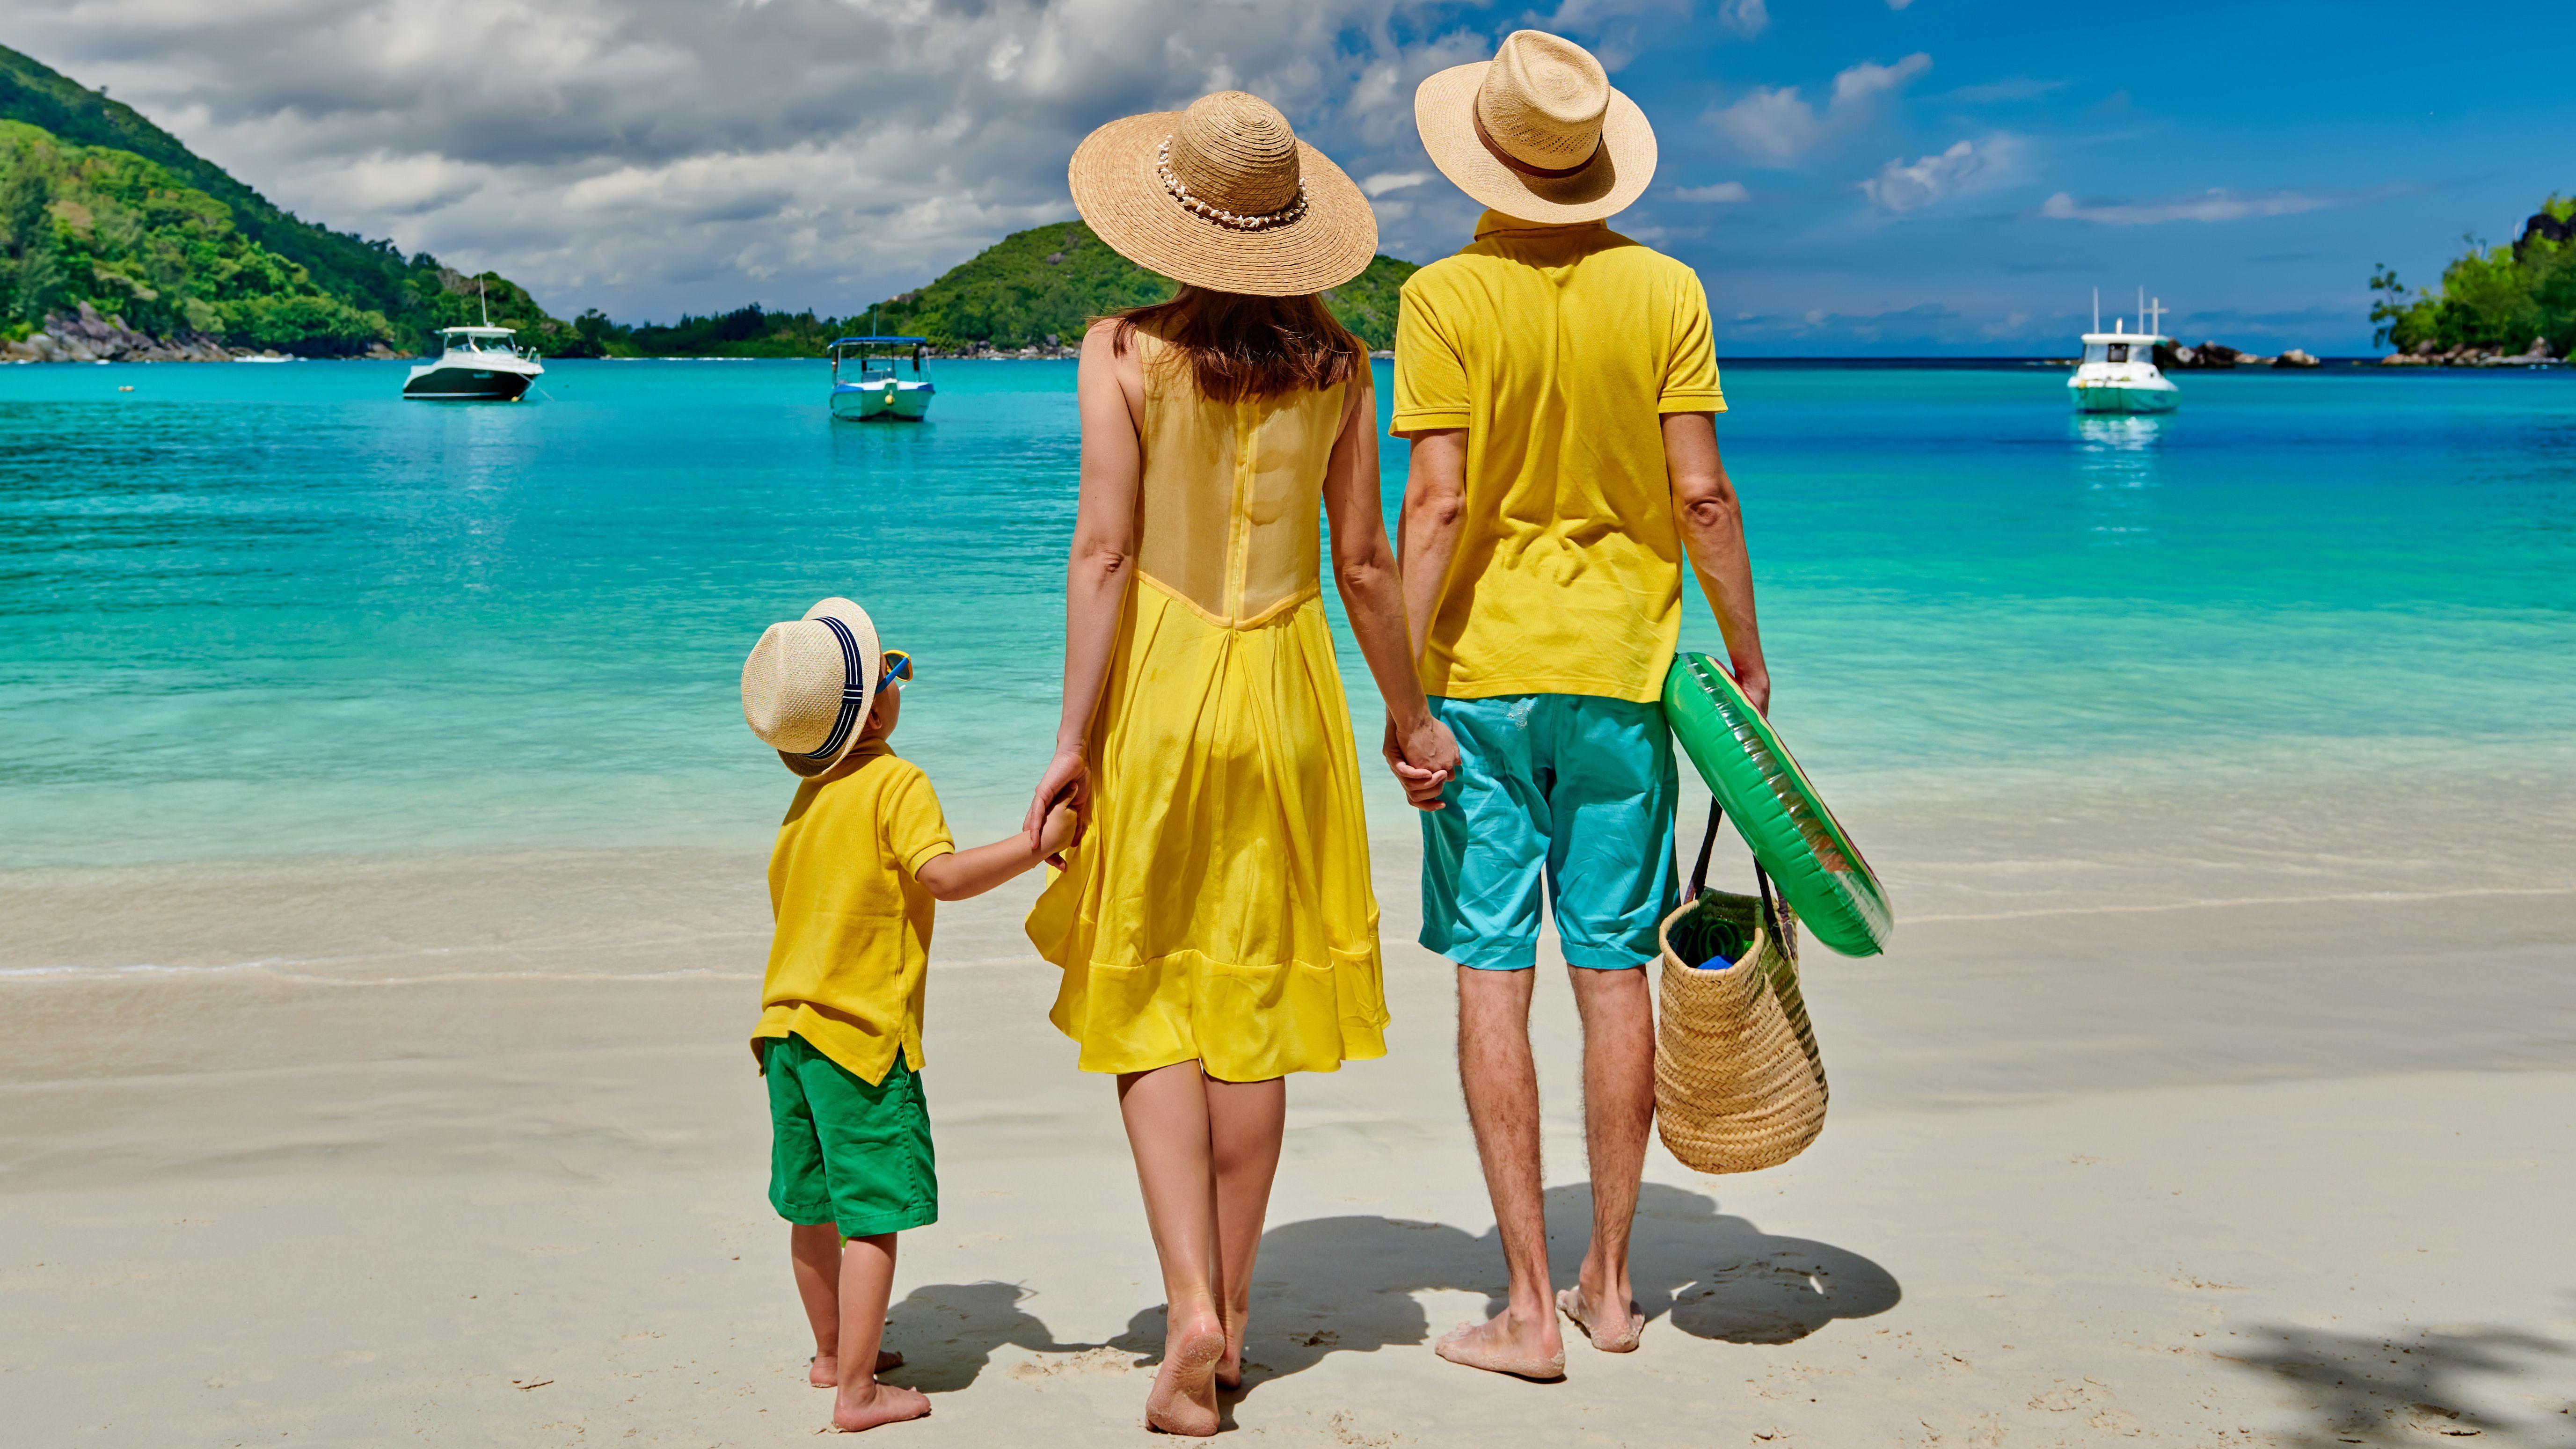 Familie mit Pauschalreise am Strand